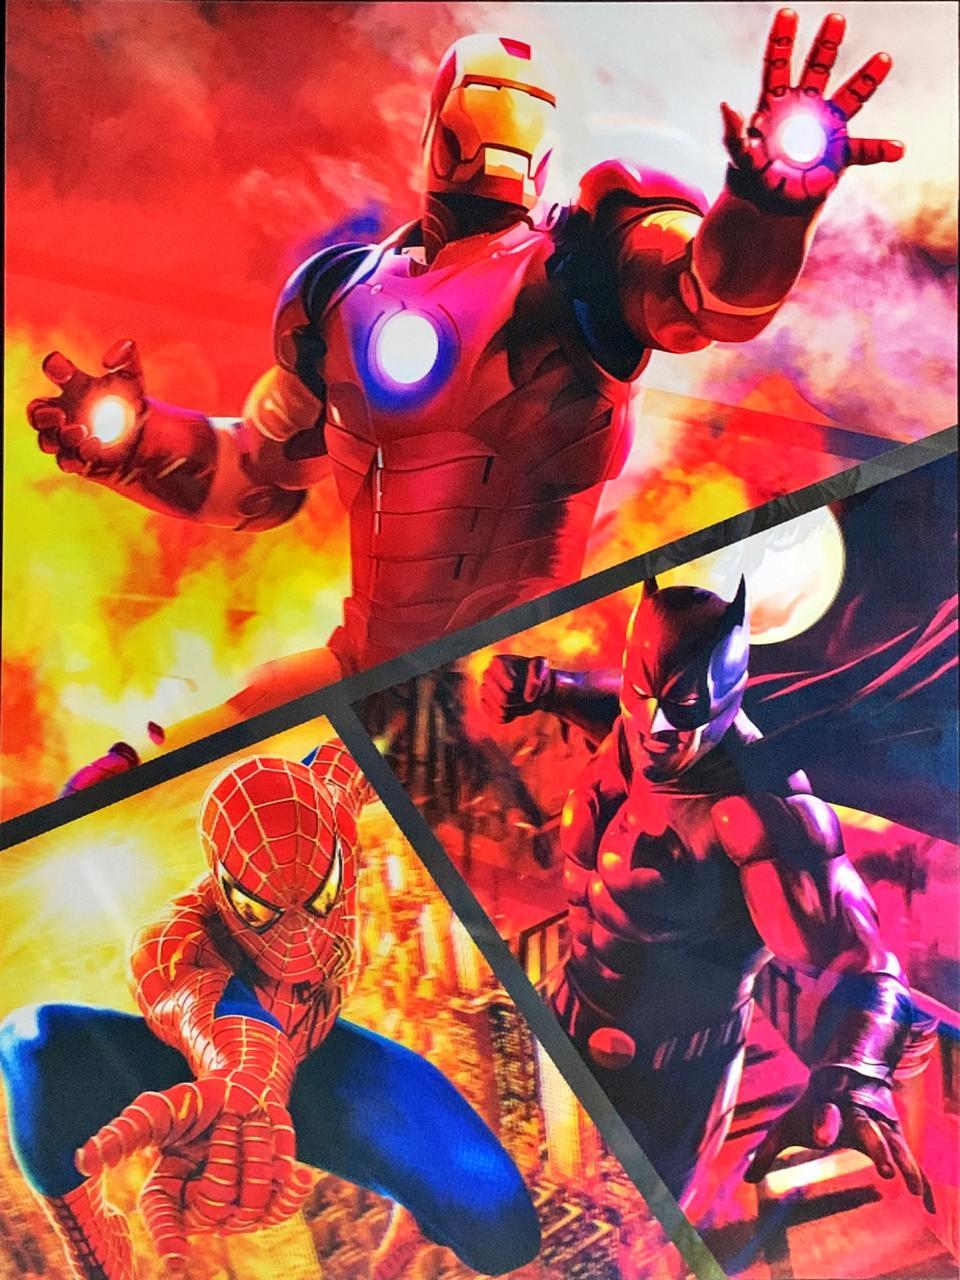 Quadro 3D Lenticular: Super-Heróis (43x30)